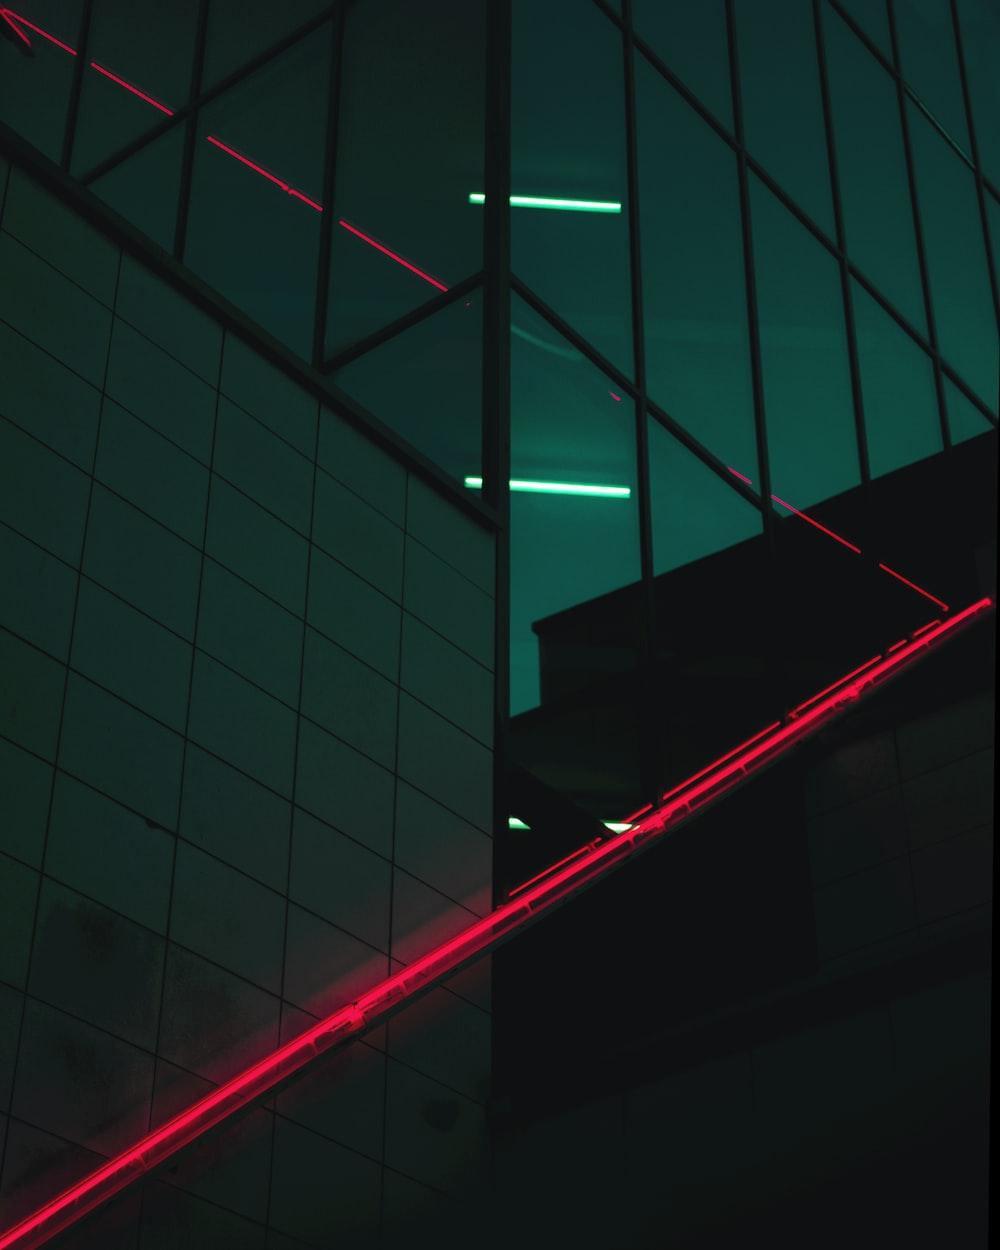 Laser Light Pictures Download Free Images On Unsplash